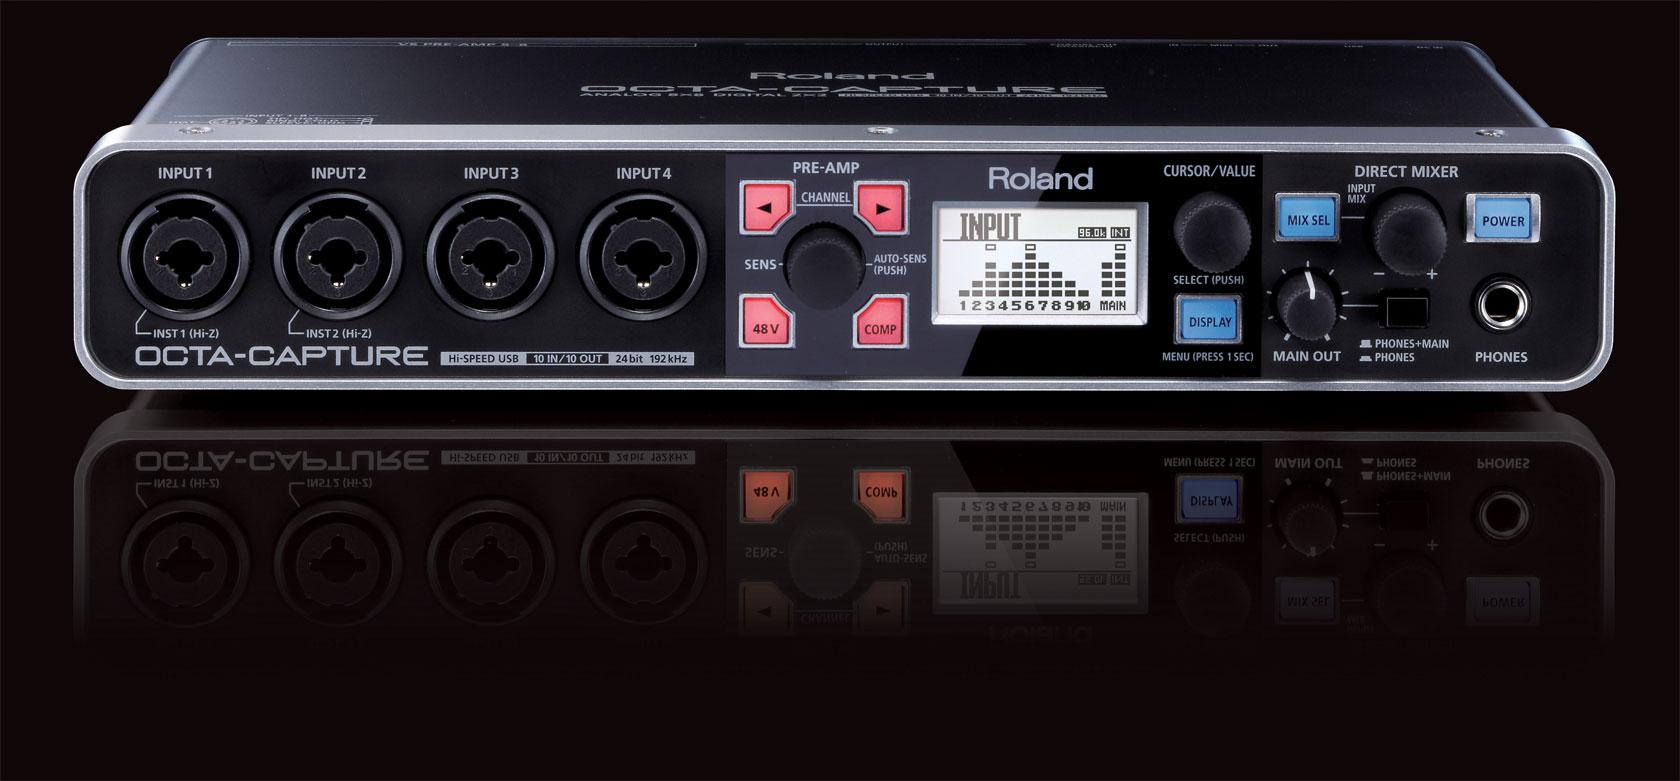 罗兰 Roland octa-capture 专业录音声卡 产品介绍/价格/驱动下载